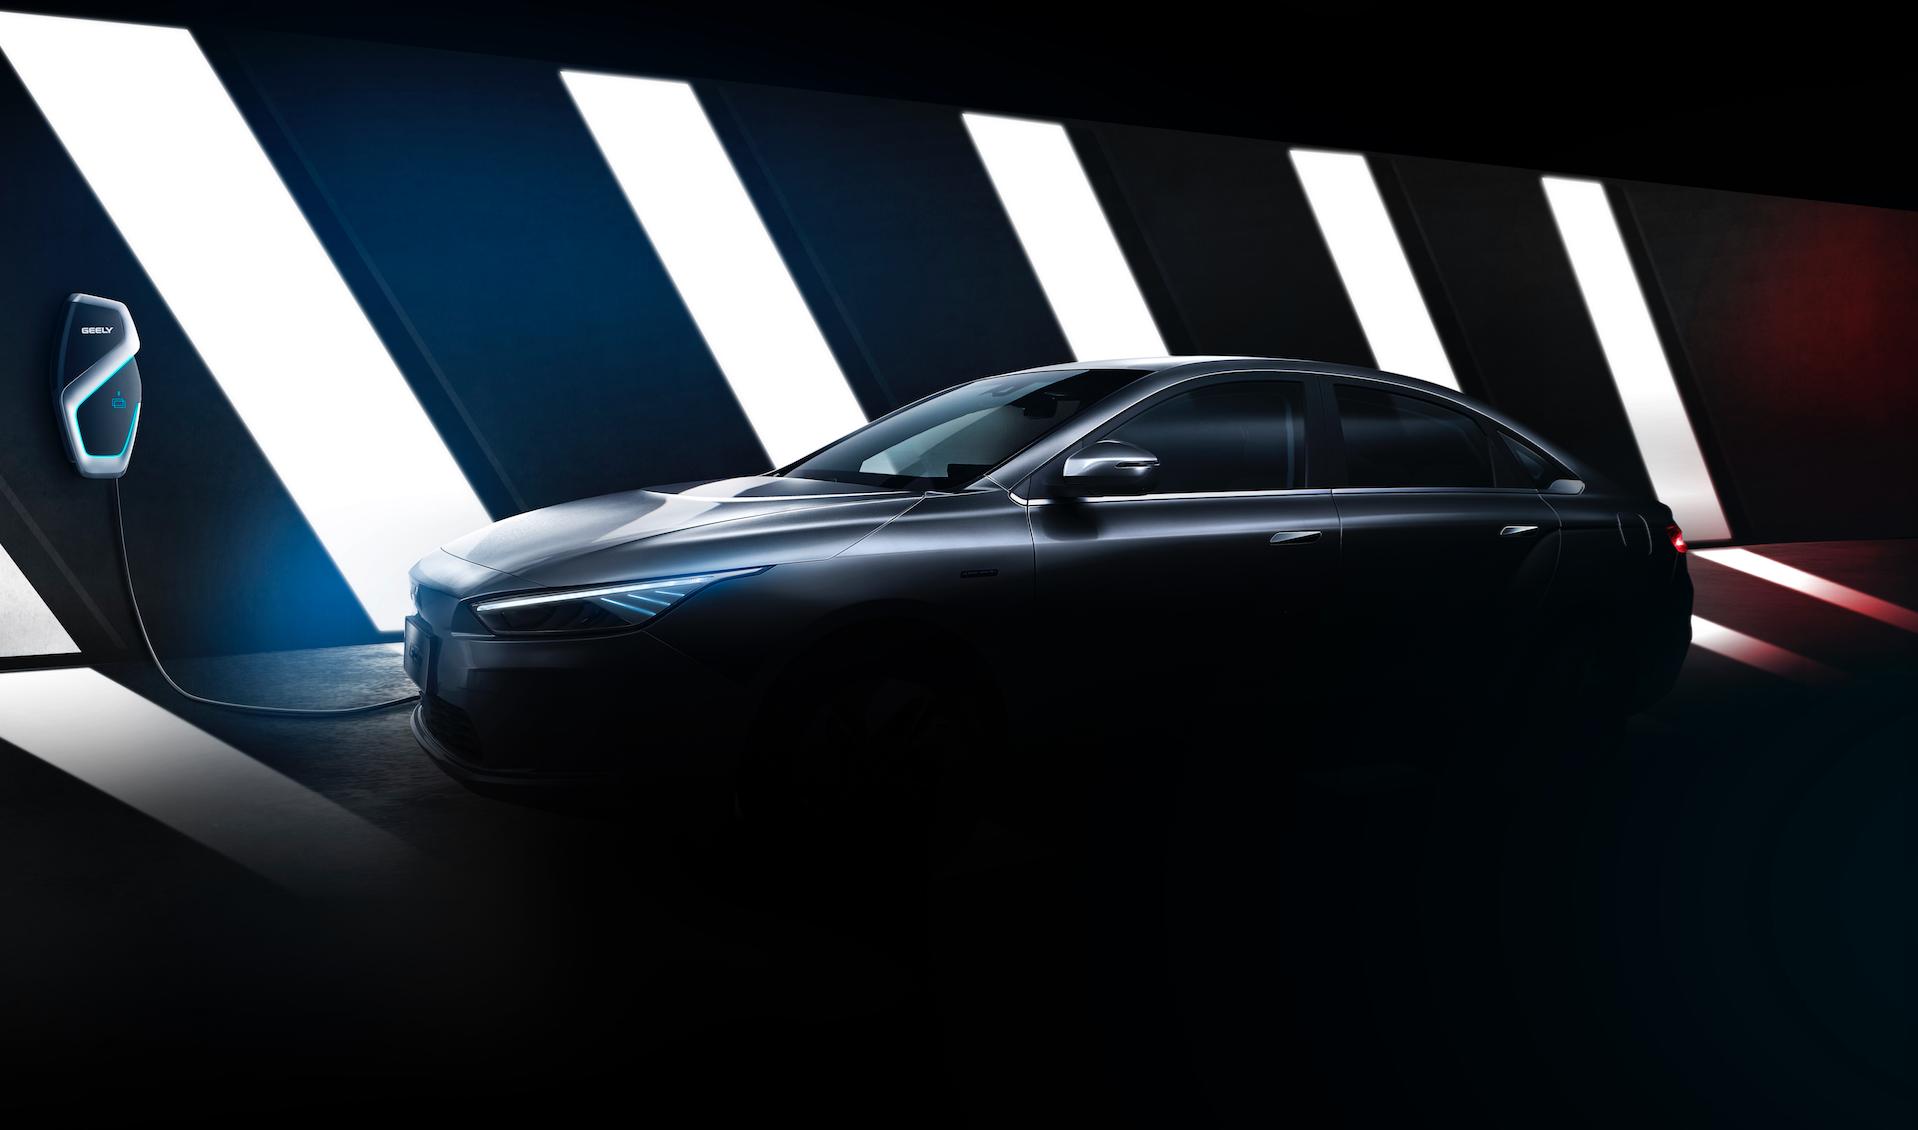 吉利全新纯电轿车官图曝光 空气动力学设计带来超低风阻